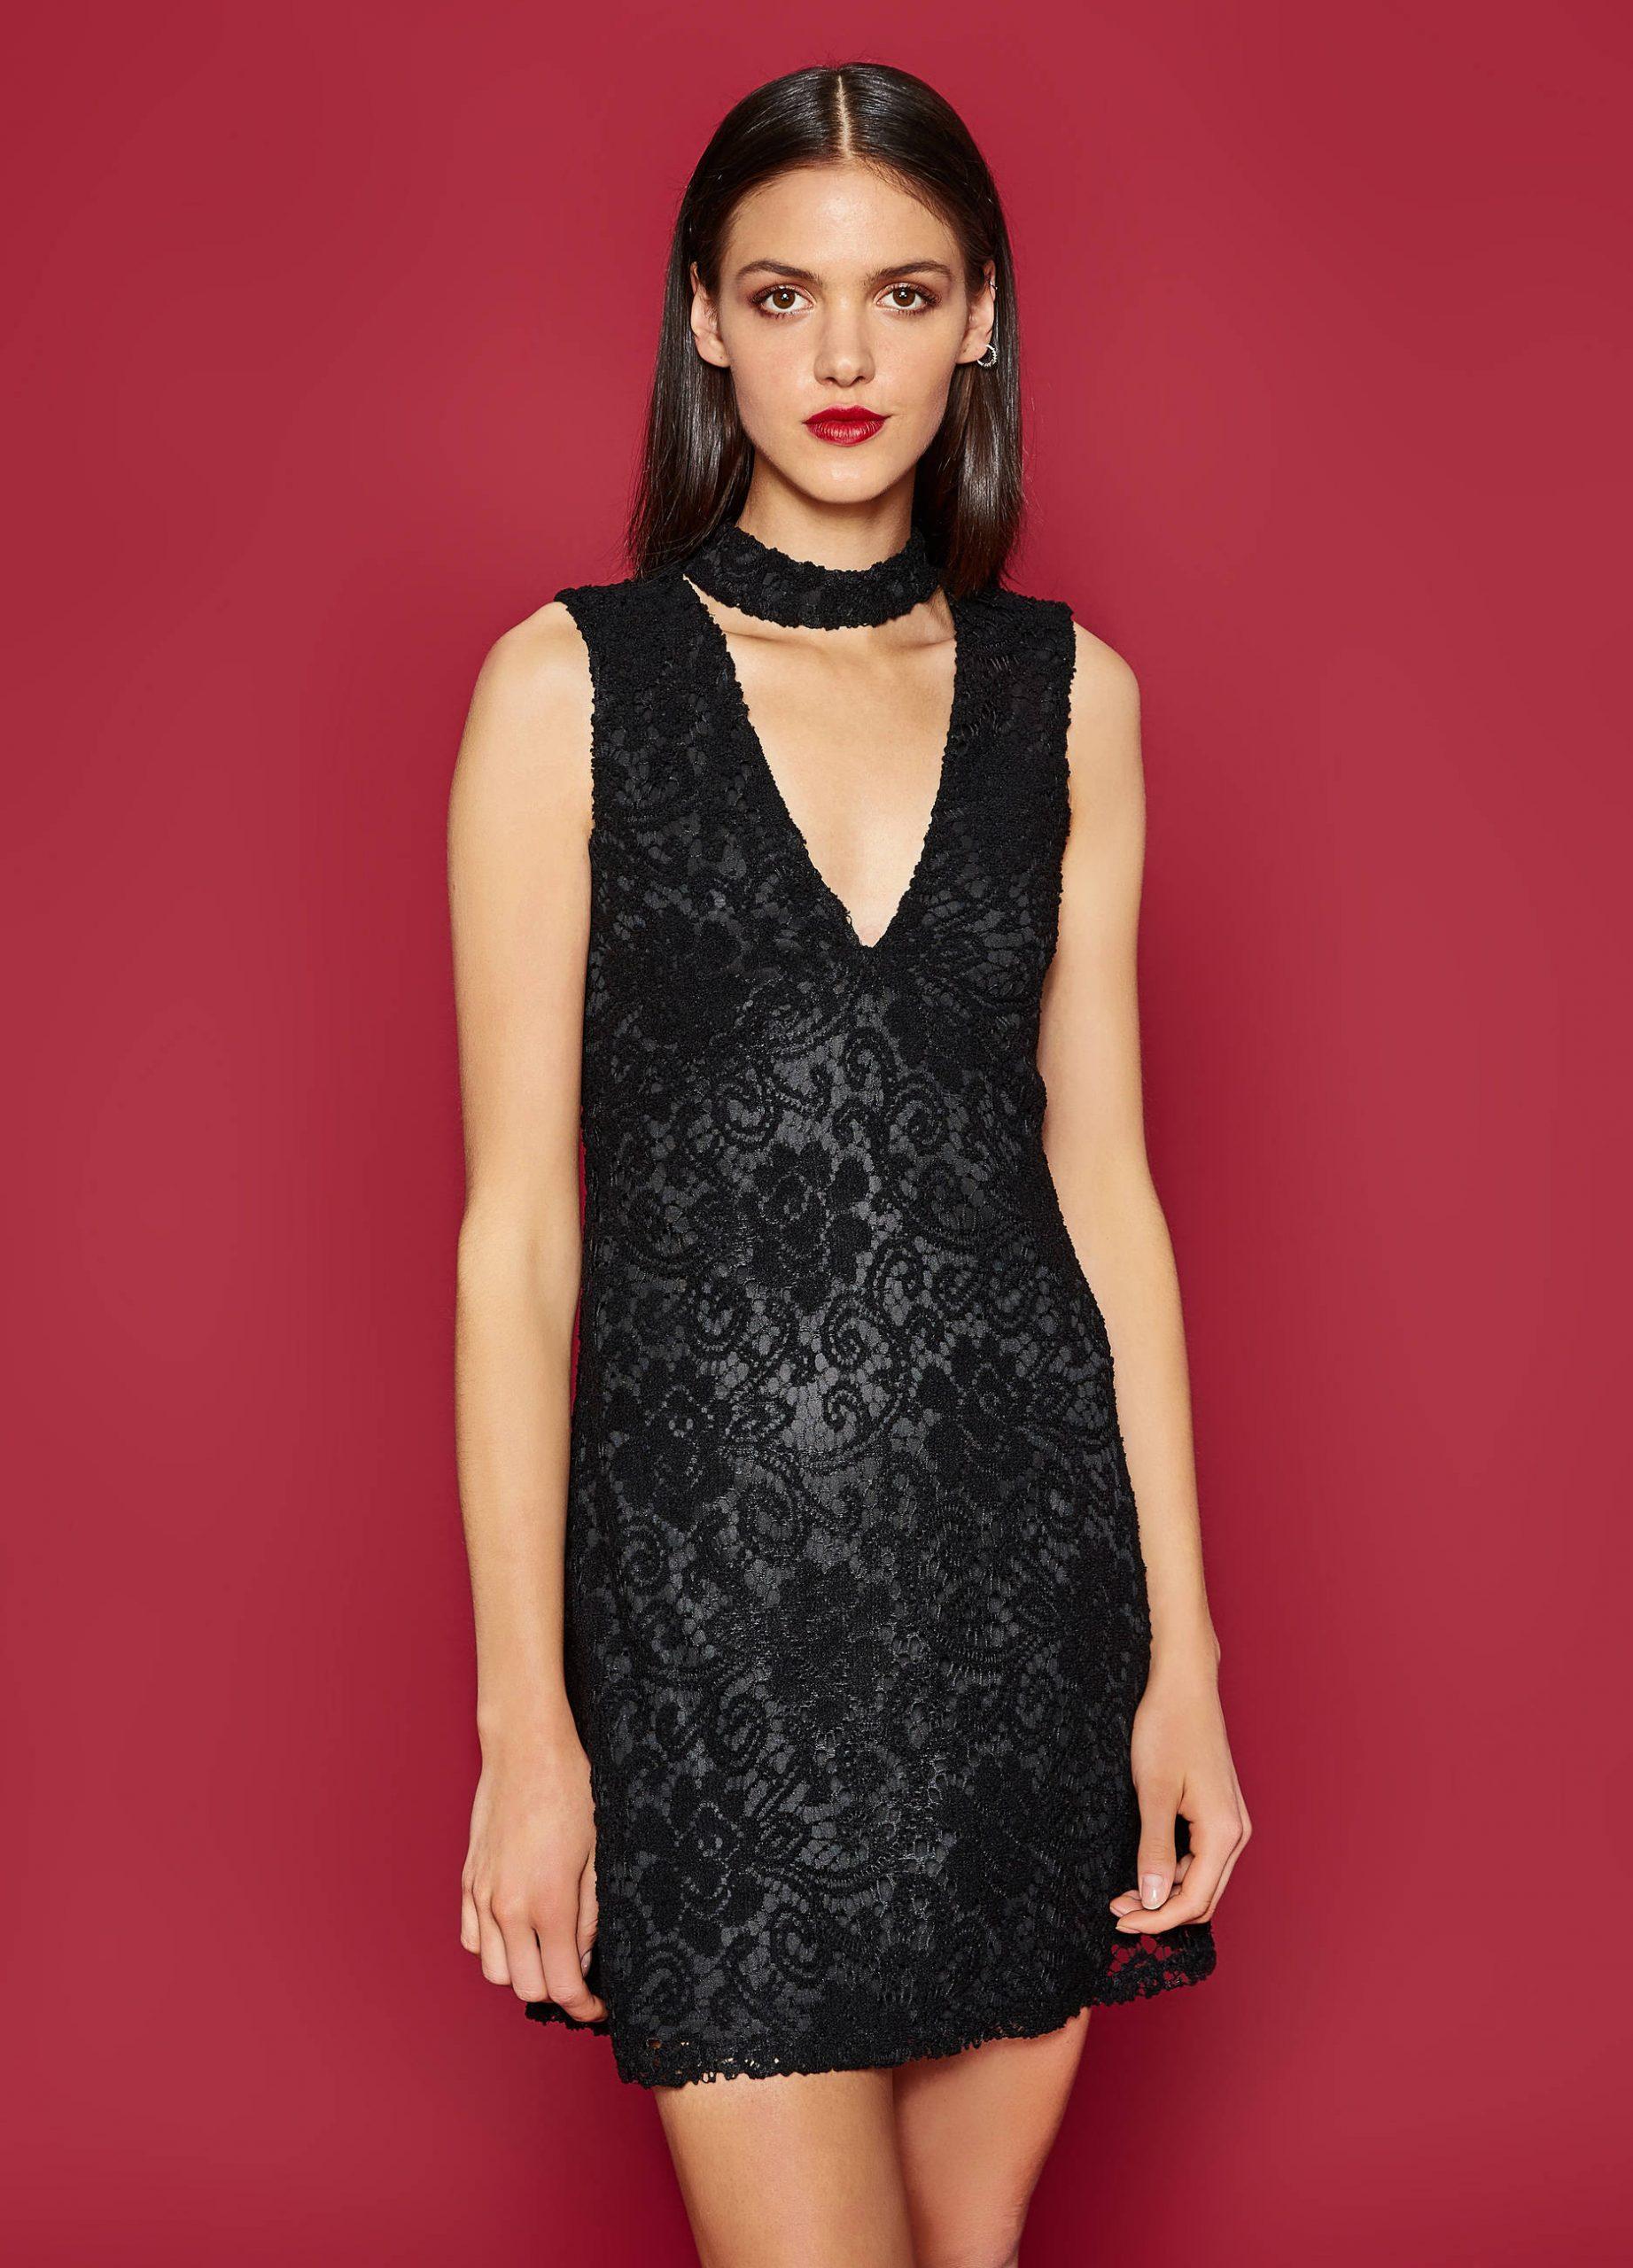 10 Cool Kurzes Kleid Mit Spitze Galerie Einzigartig Kurzes Kleid Mit Spitze Bester Preis